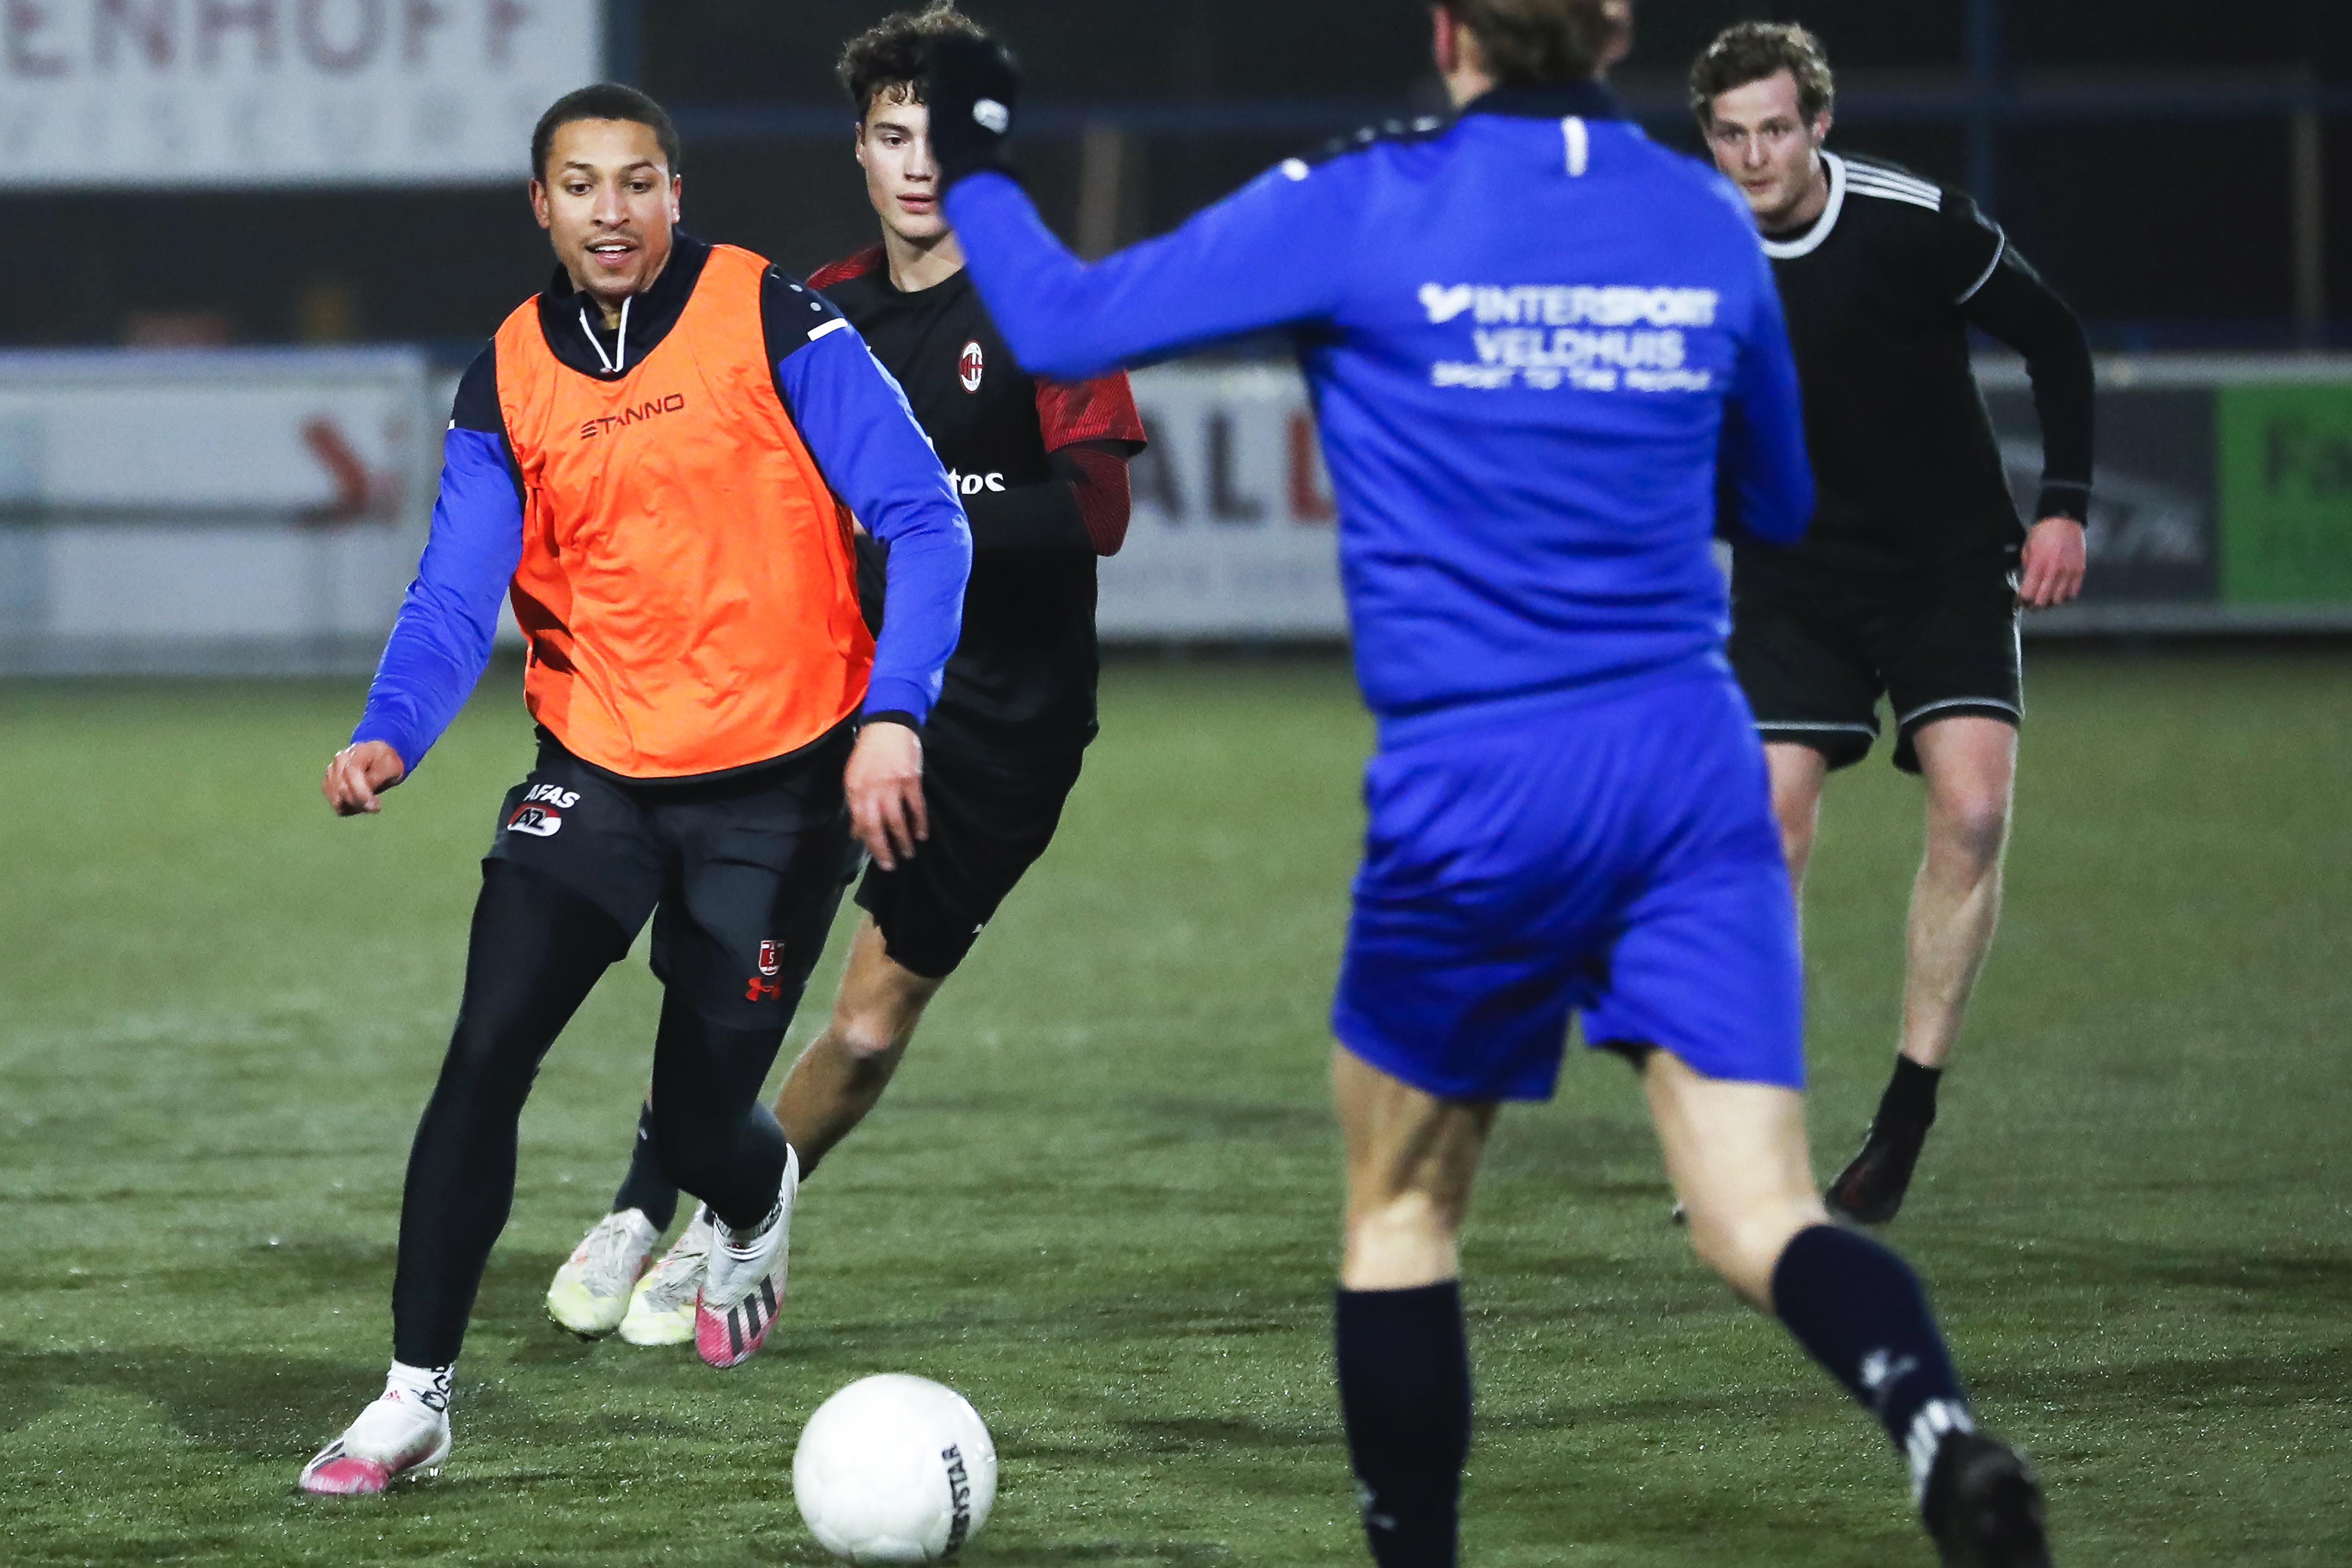 Voetballers van ADO'20 genieten tijdens hun eerste training sinds drie maanden: 'We mogen eindelijk weer'